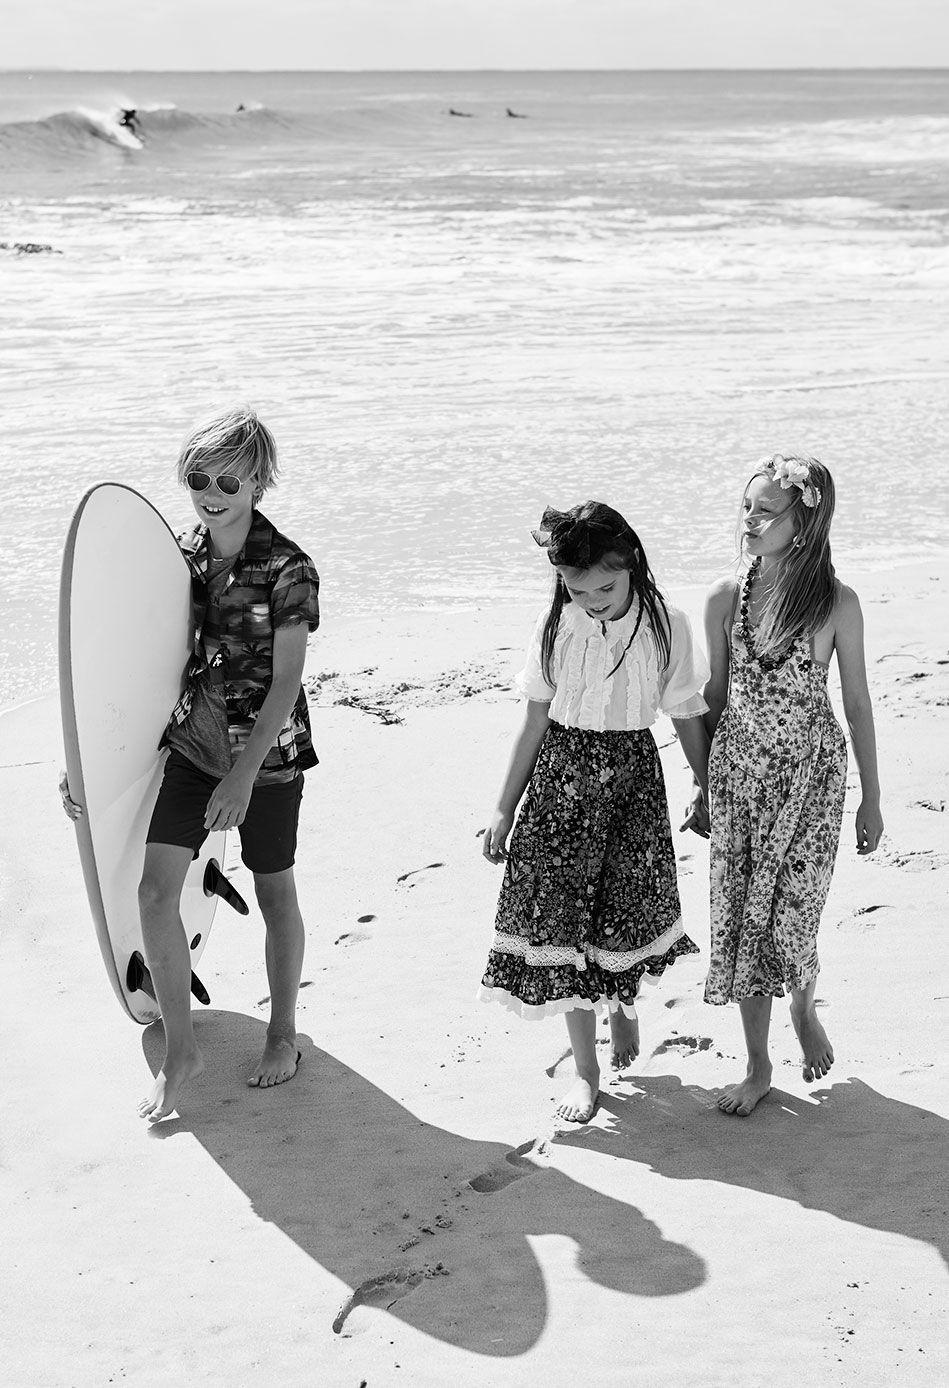 Surfers_0337.jpg